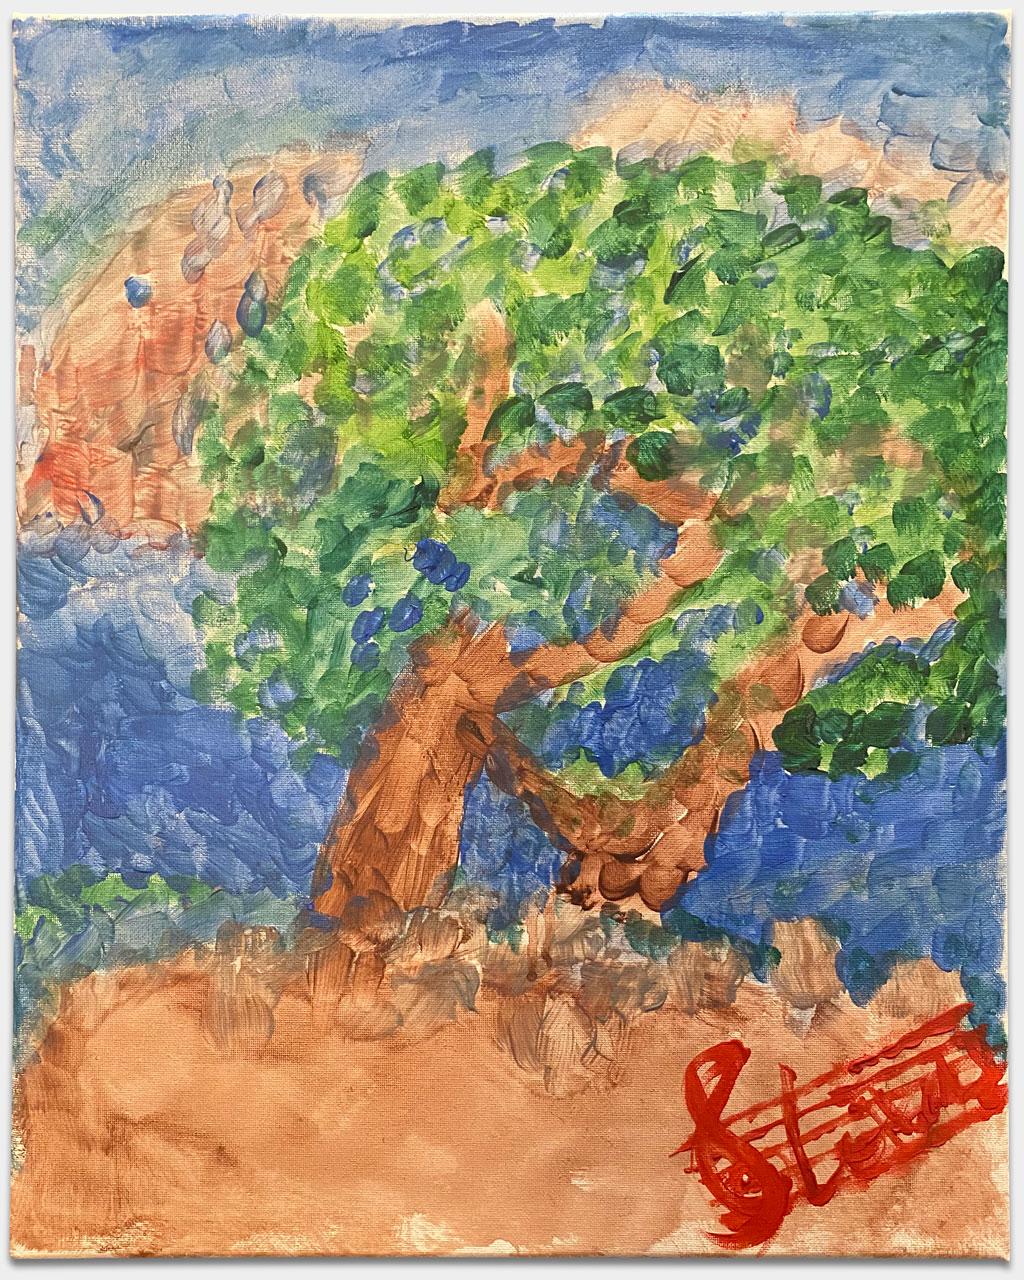 """Nasturica-Herschcowici, Lorenz, Leiter Kammerorchester Münchner Philharmoniker, """"Mediterranean Skies"""", 70x50 cm, Acryl auf Leinwand, handsigniert"""